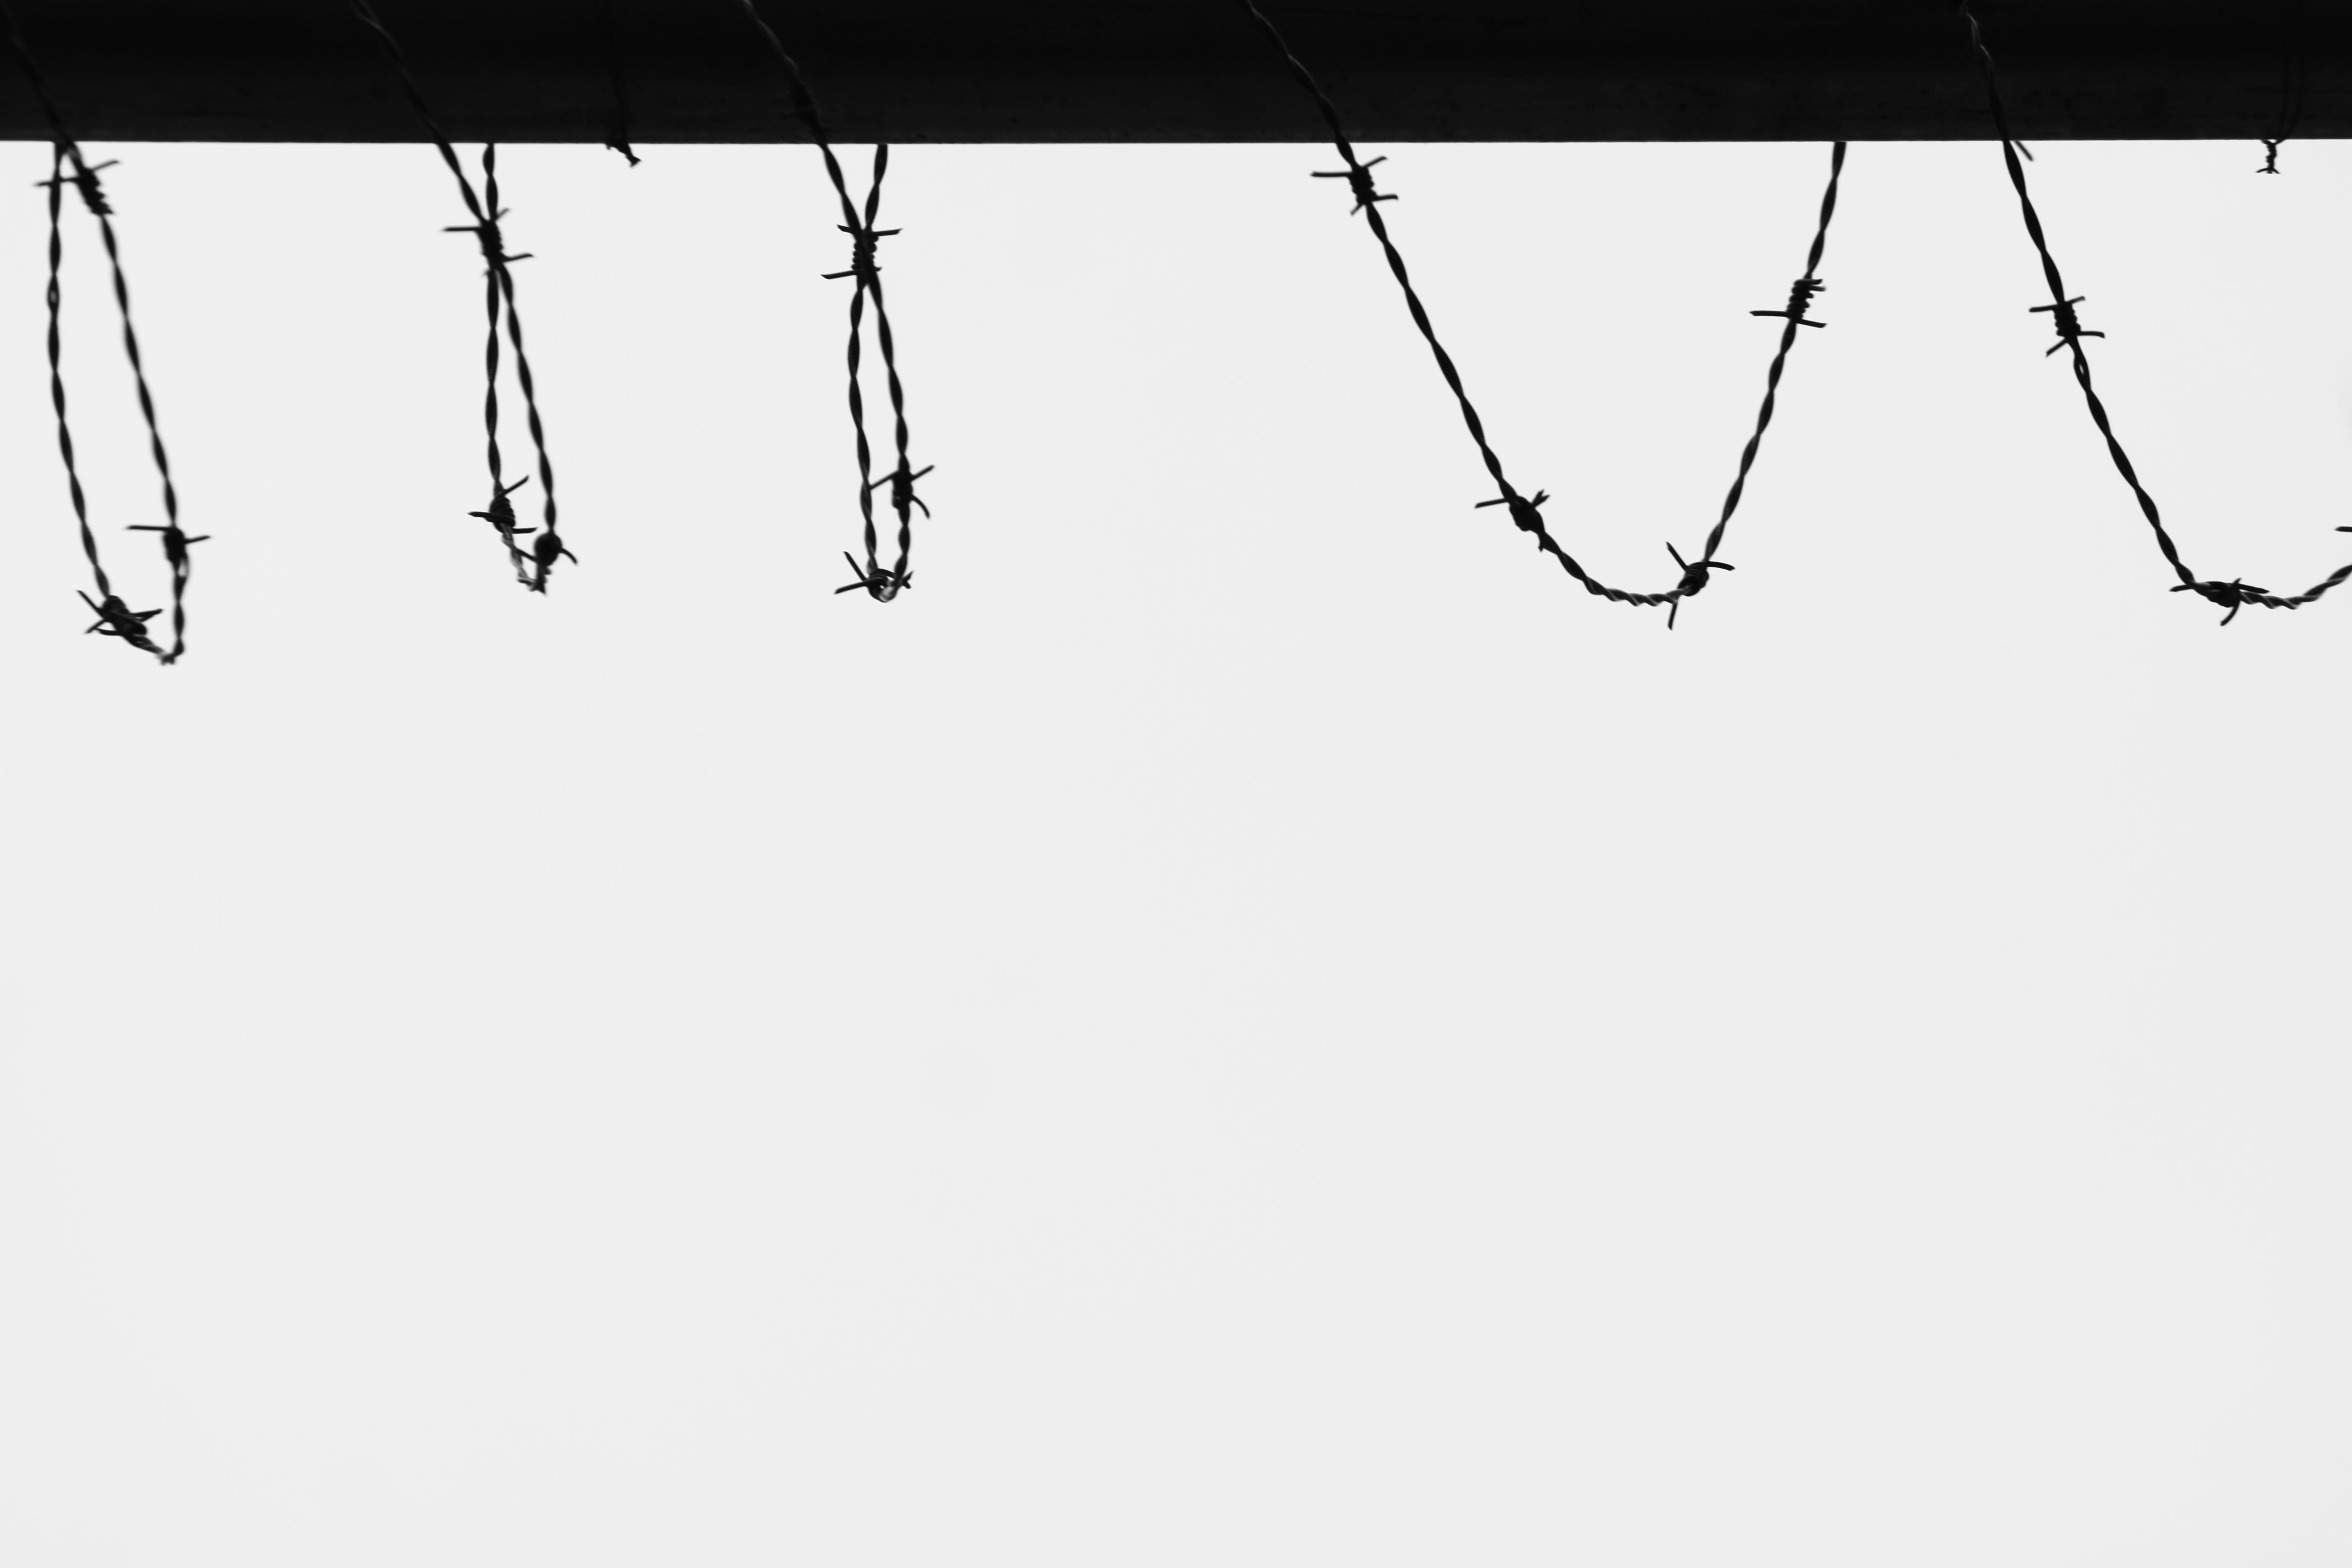 bouts de fils de fer barbelés noir sur fond blanc, contrastes forts